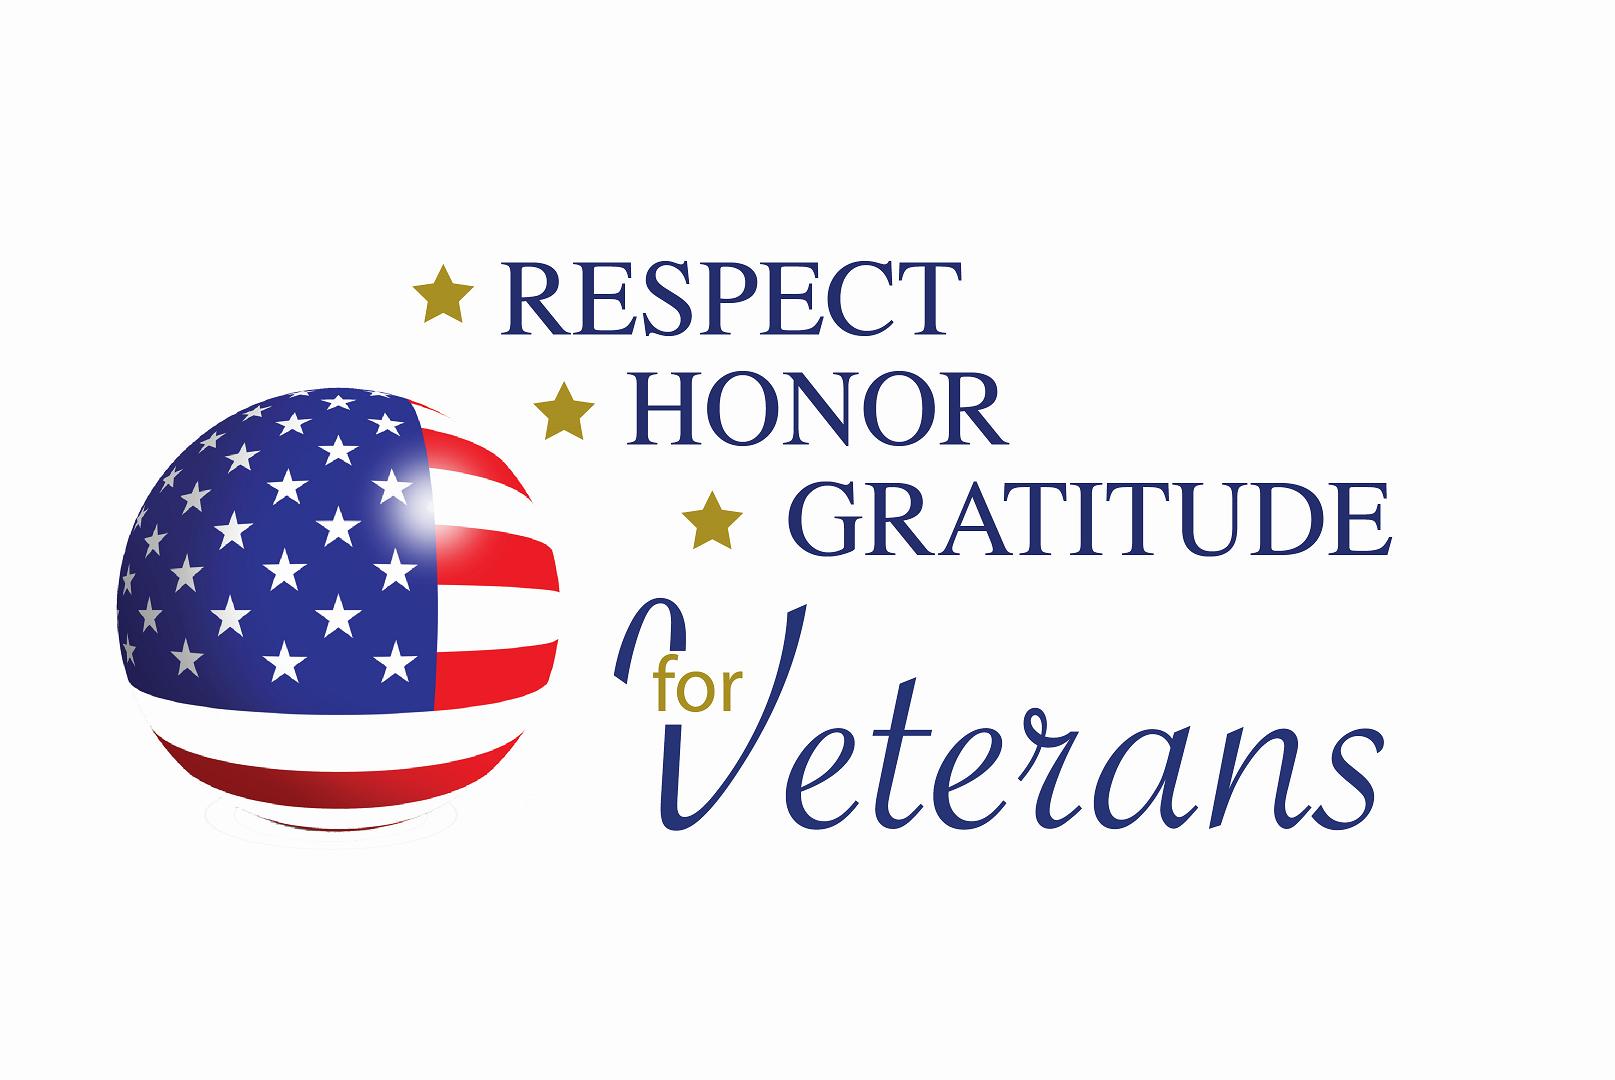 Respect-Honor-Gratitude for Veterans 2019